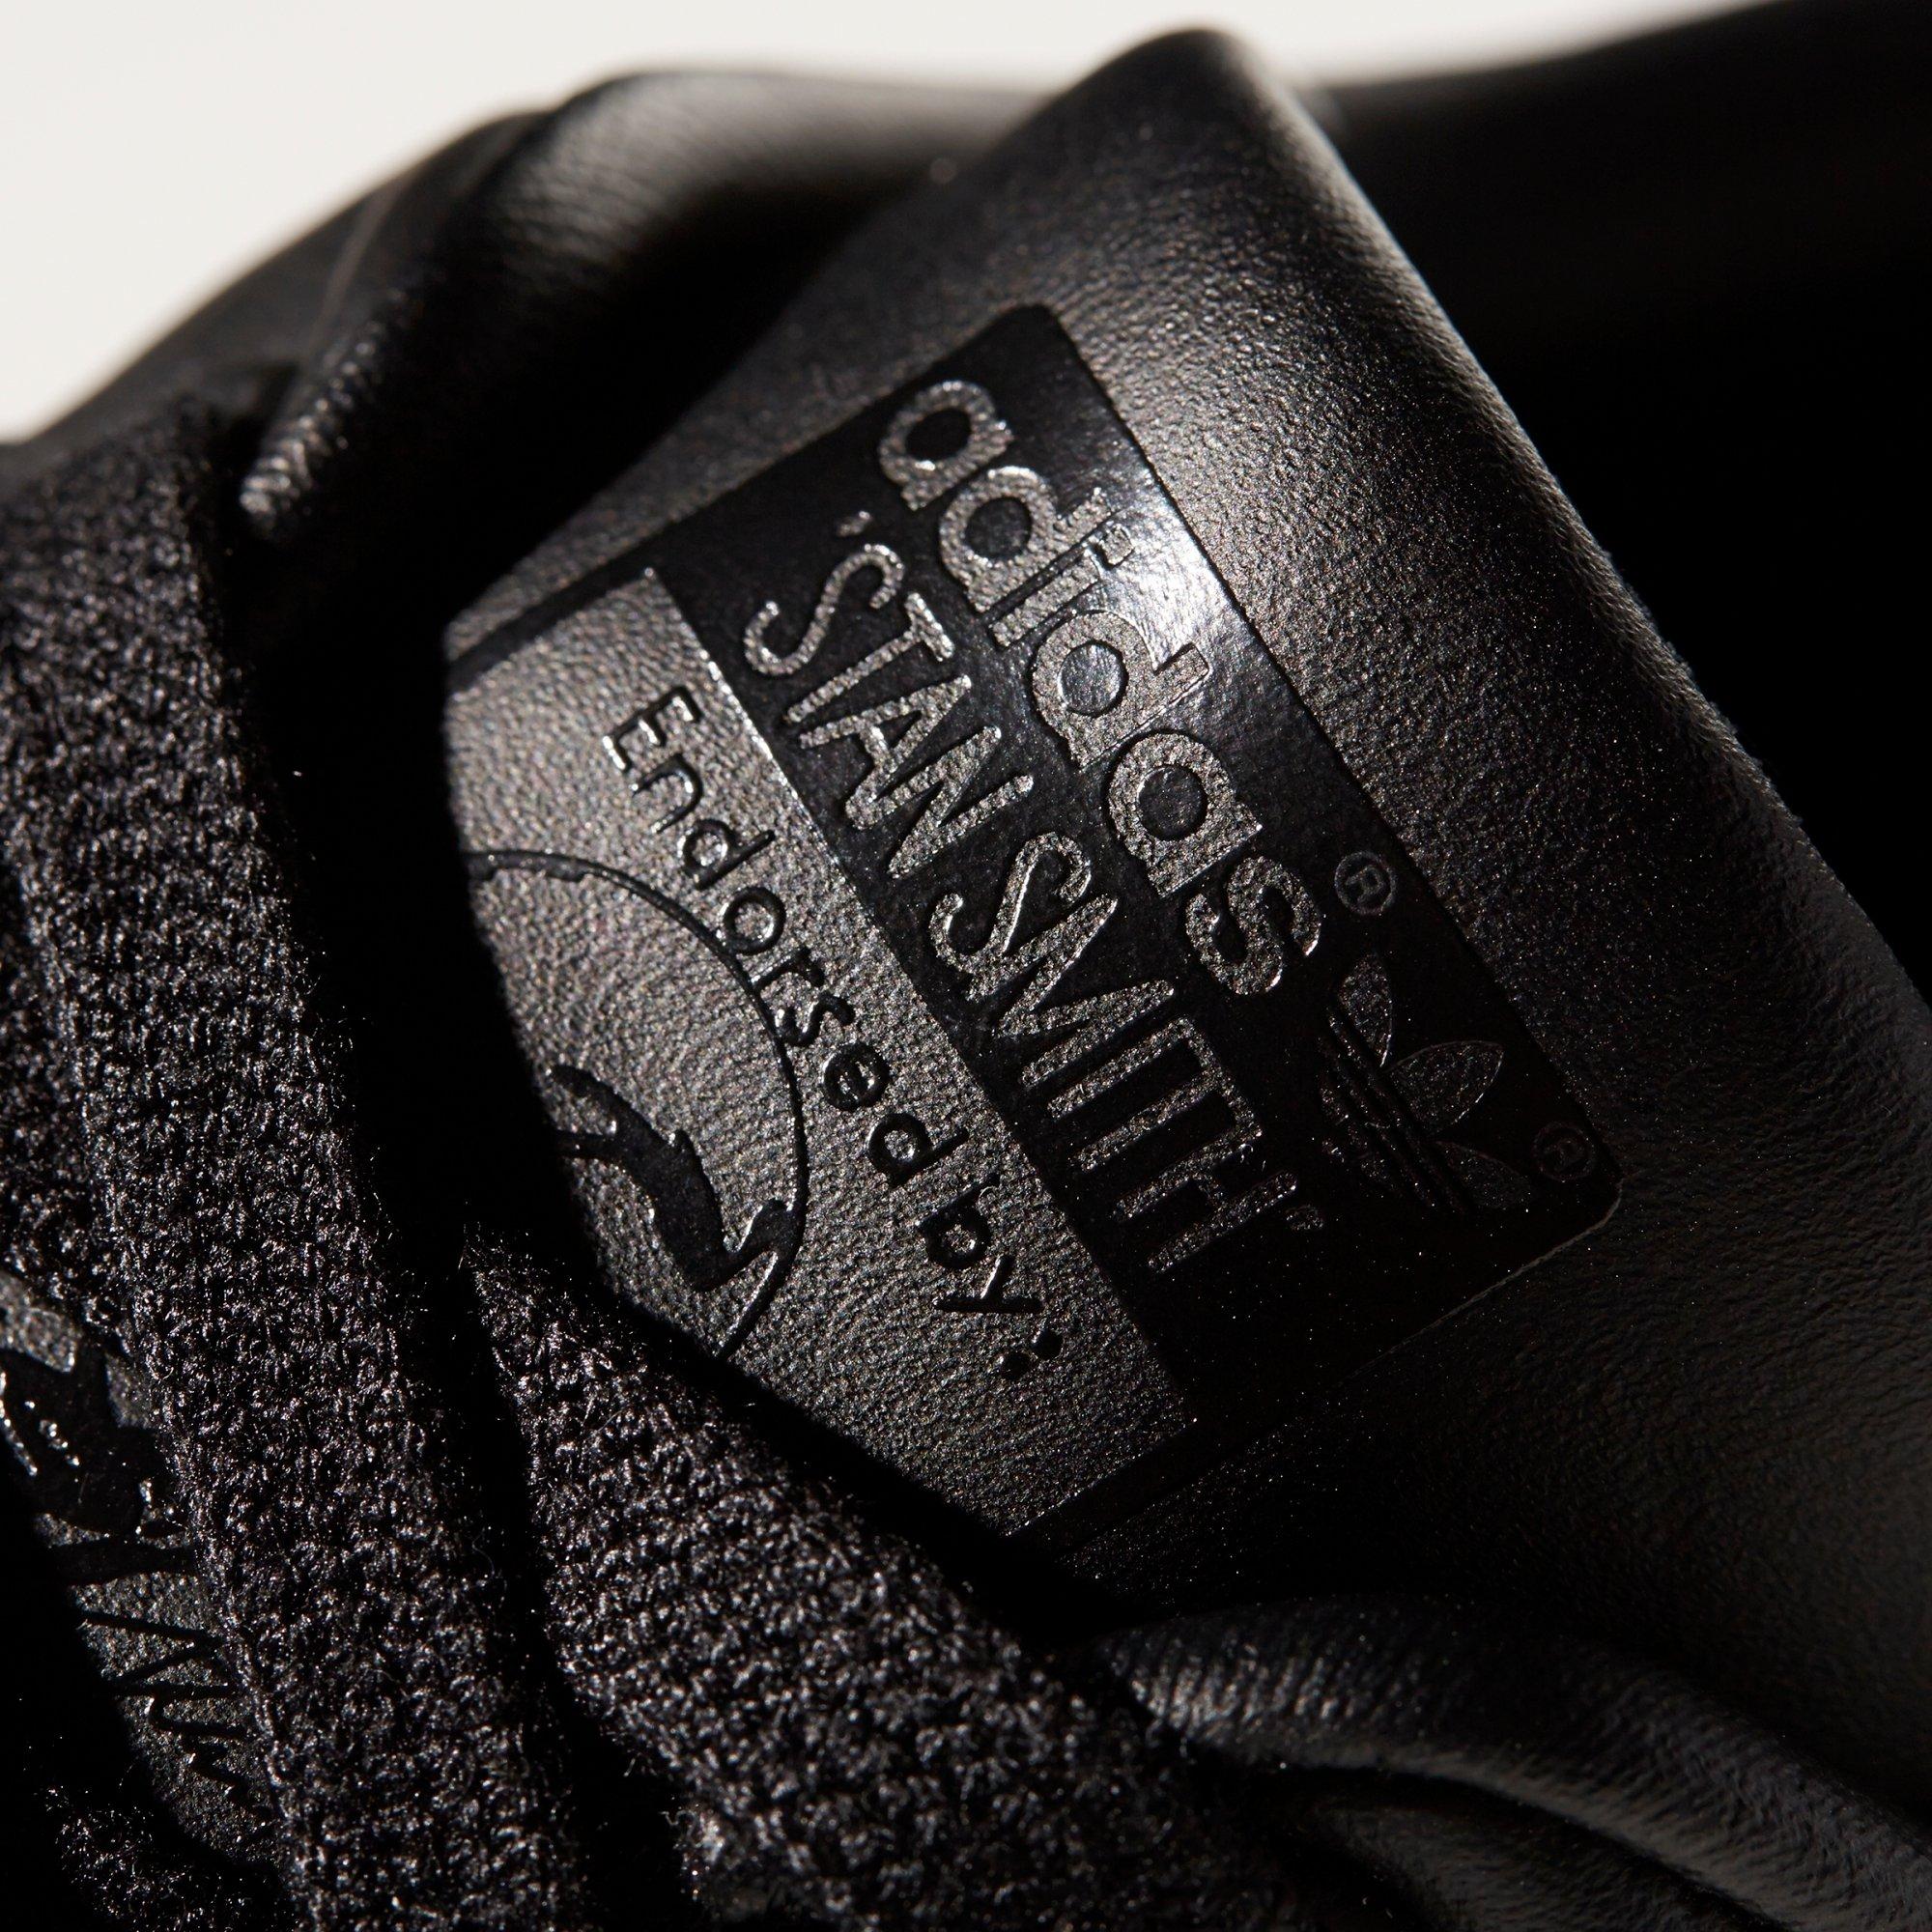 buty męskie adidas Stan Smith r 42 23 M20327 7601766186